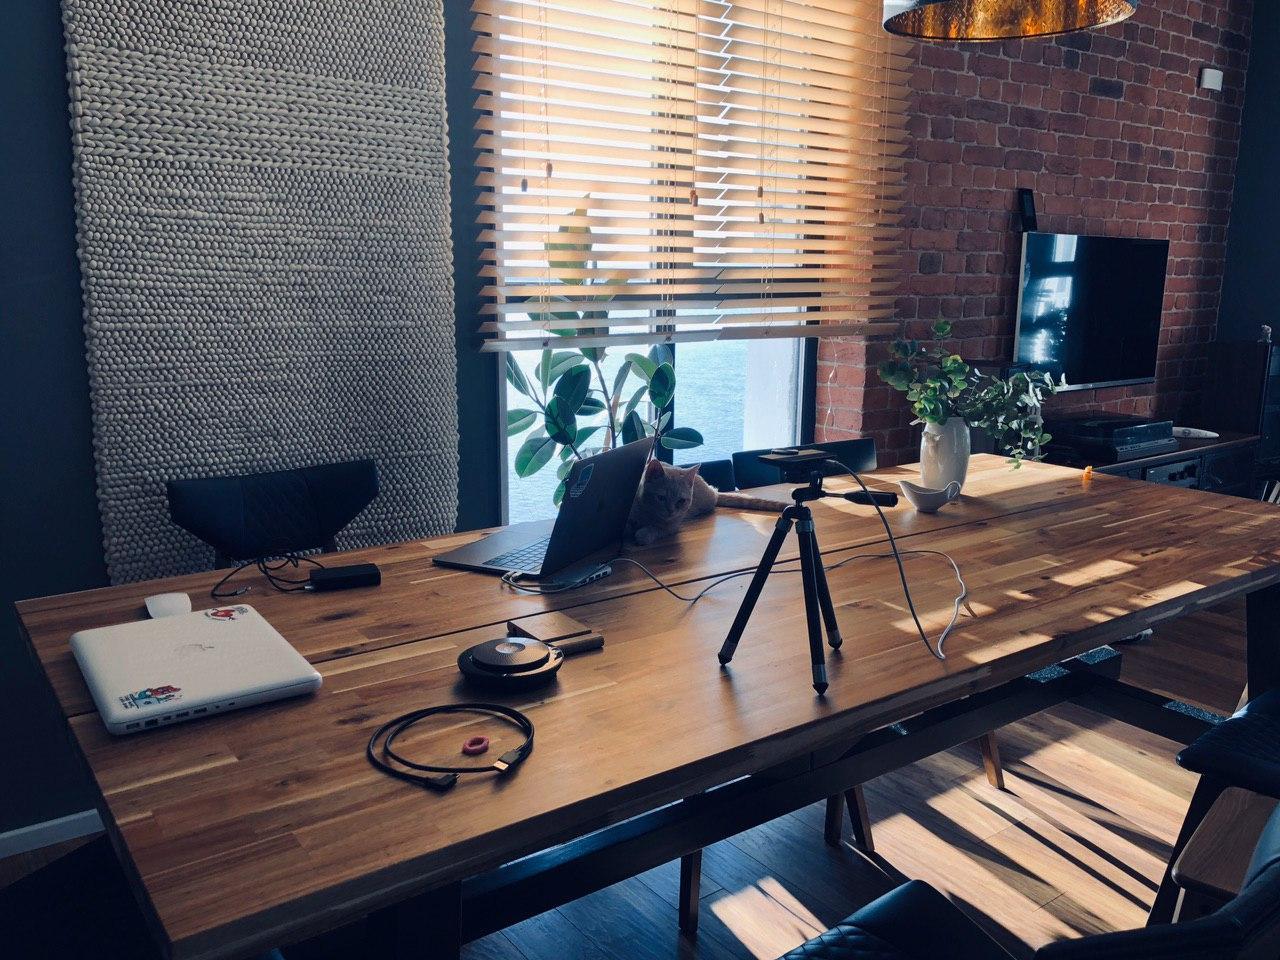 Собрал на Jabra Panacast комбайн для видеоконференций, плюс и минусы для офиса и дома - 29